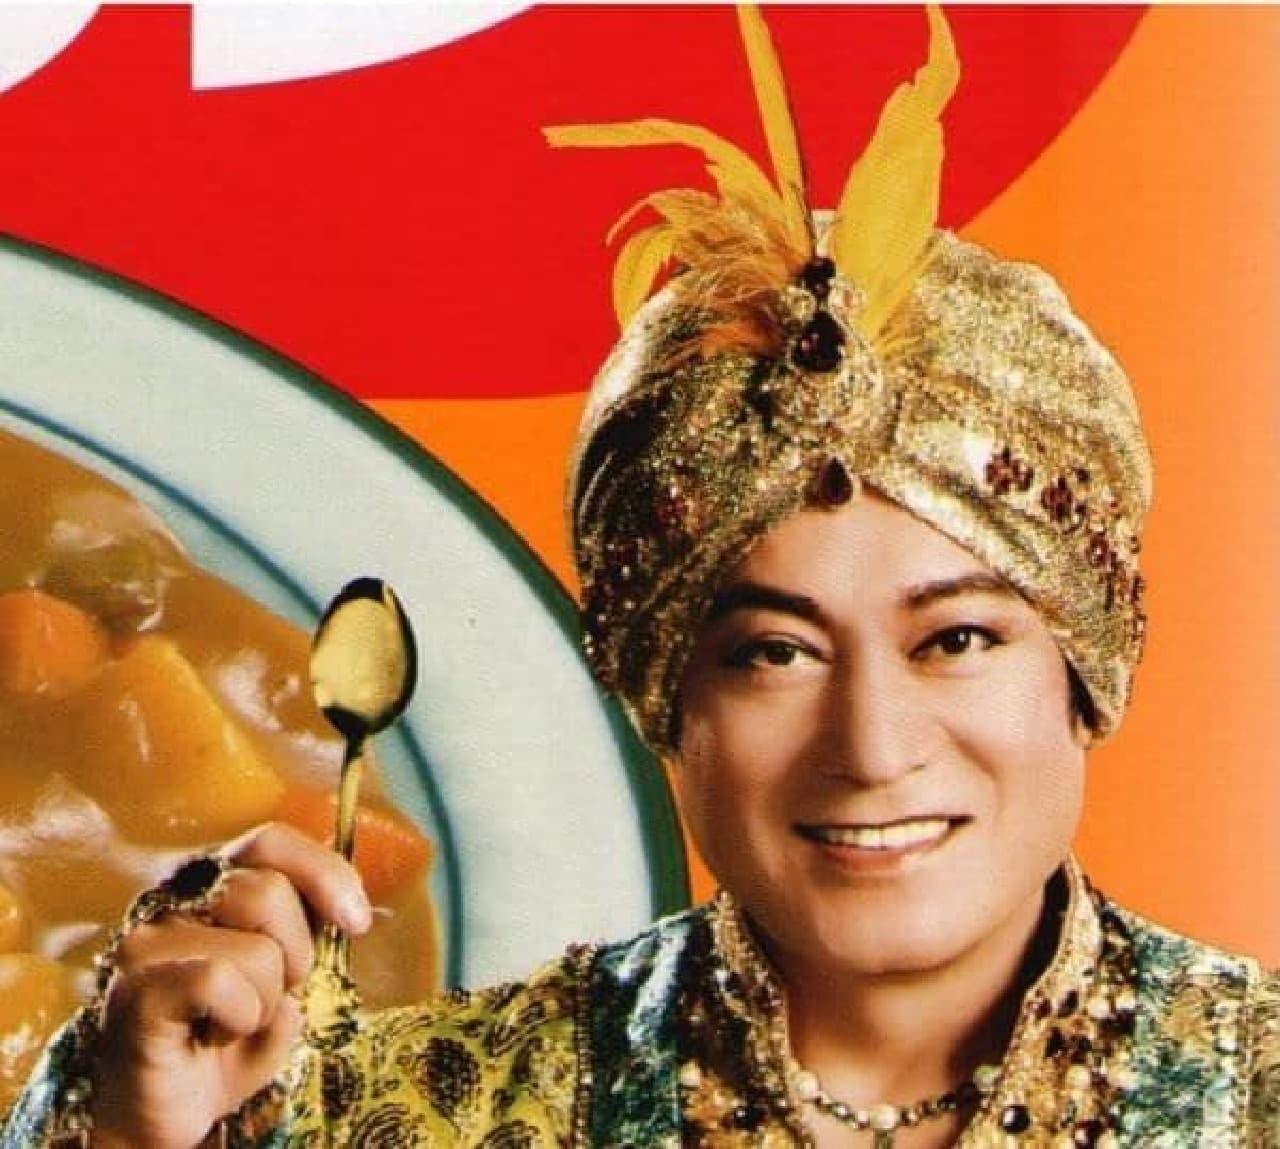 インドの王様にしか見えないこの笑み!